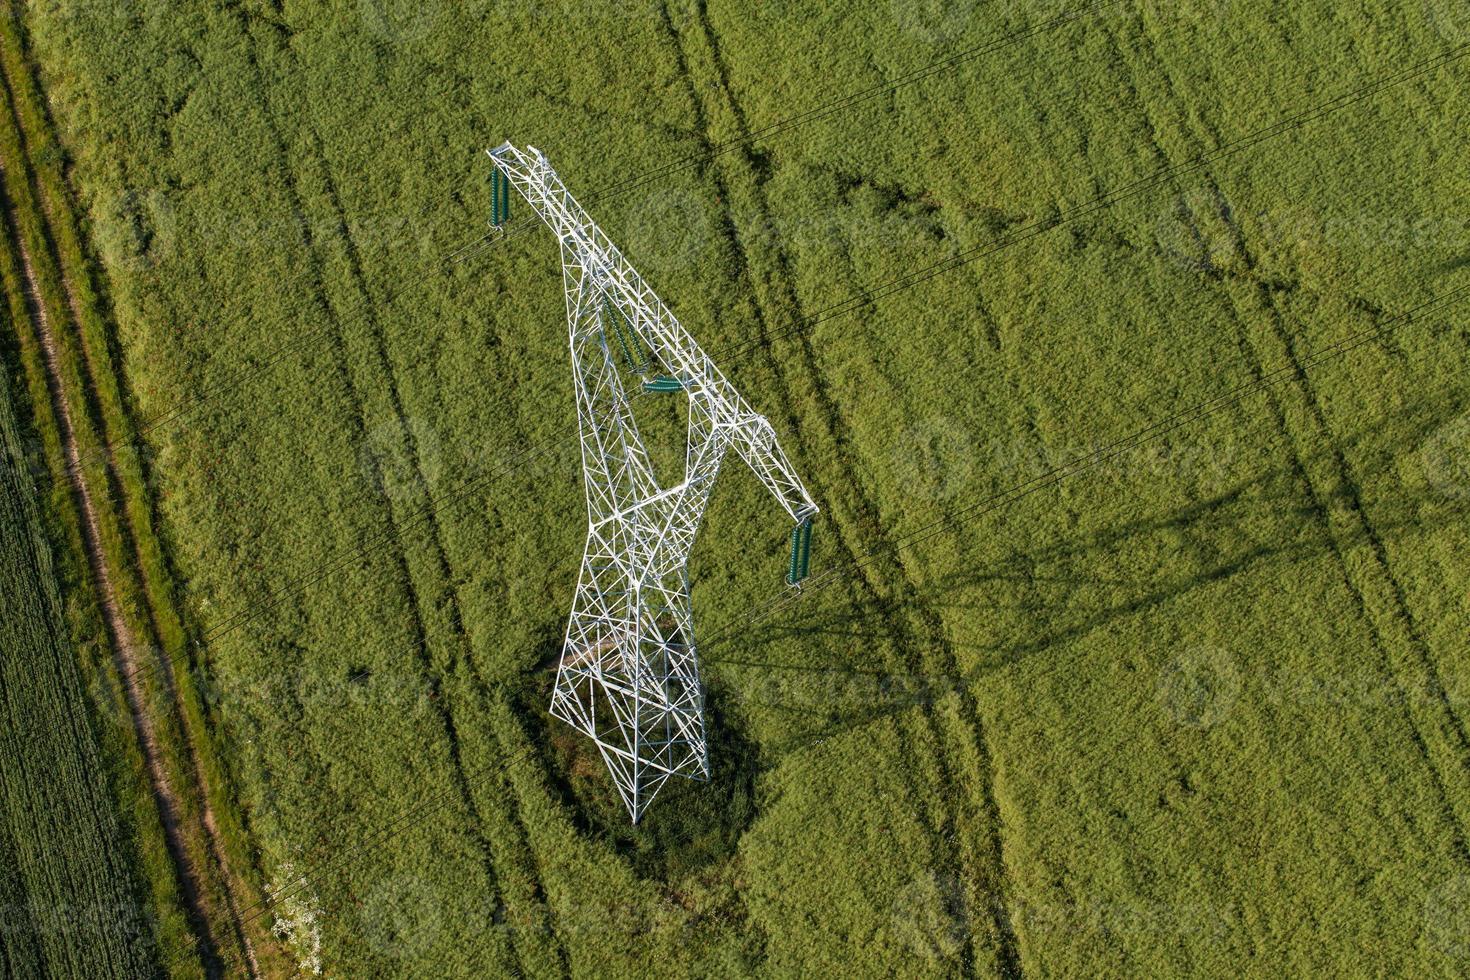 vista aerea della torre di energia elettrica su larga scala dei cavi elettrici foto